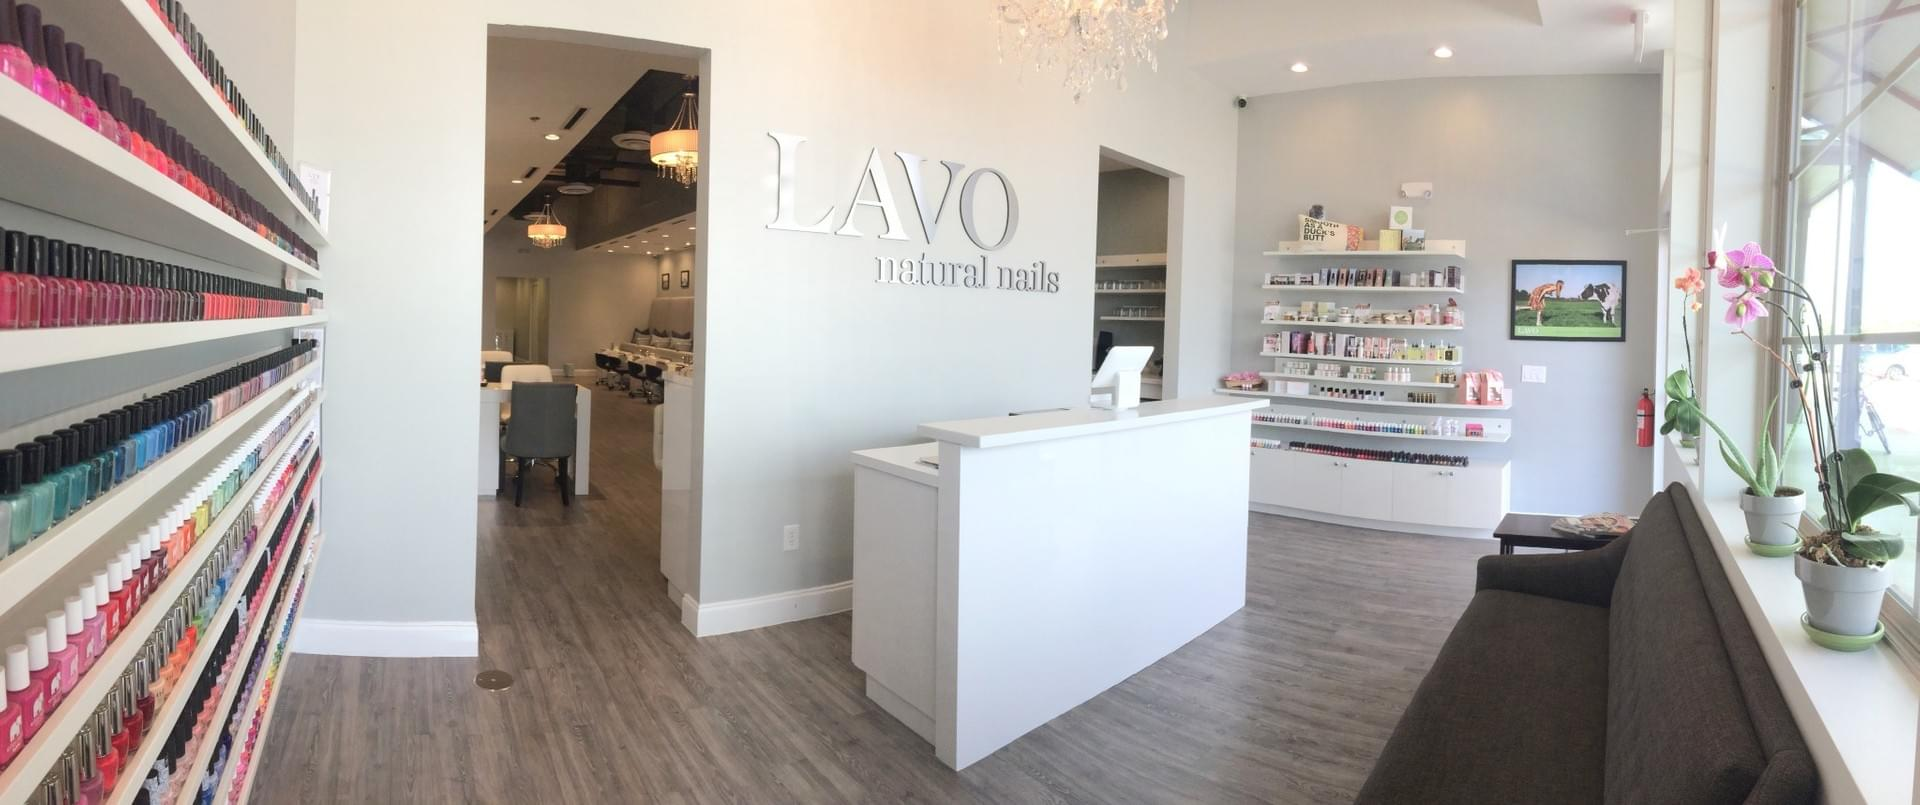 LAVO natural nails